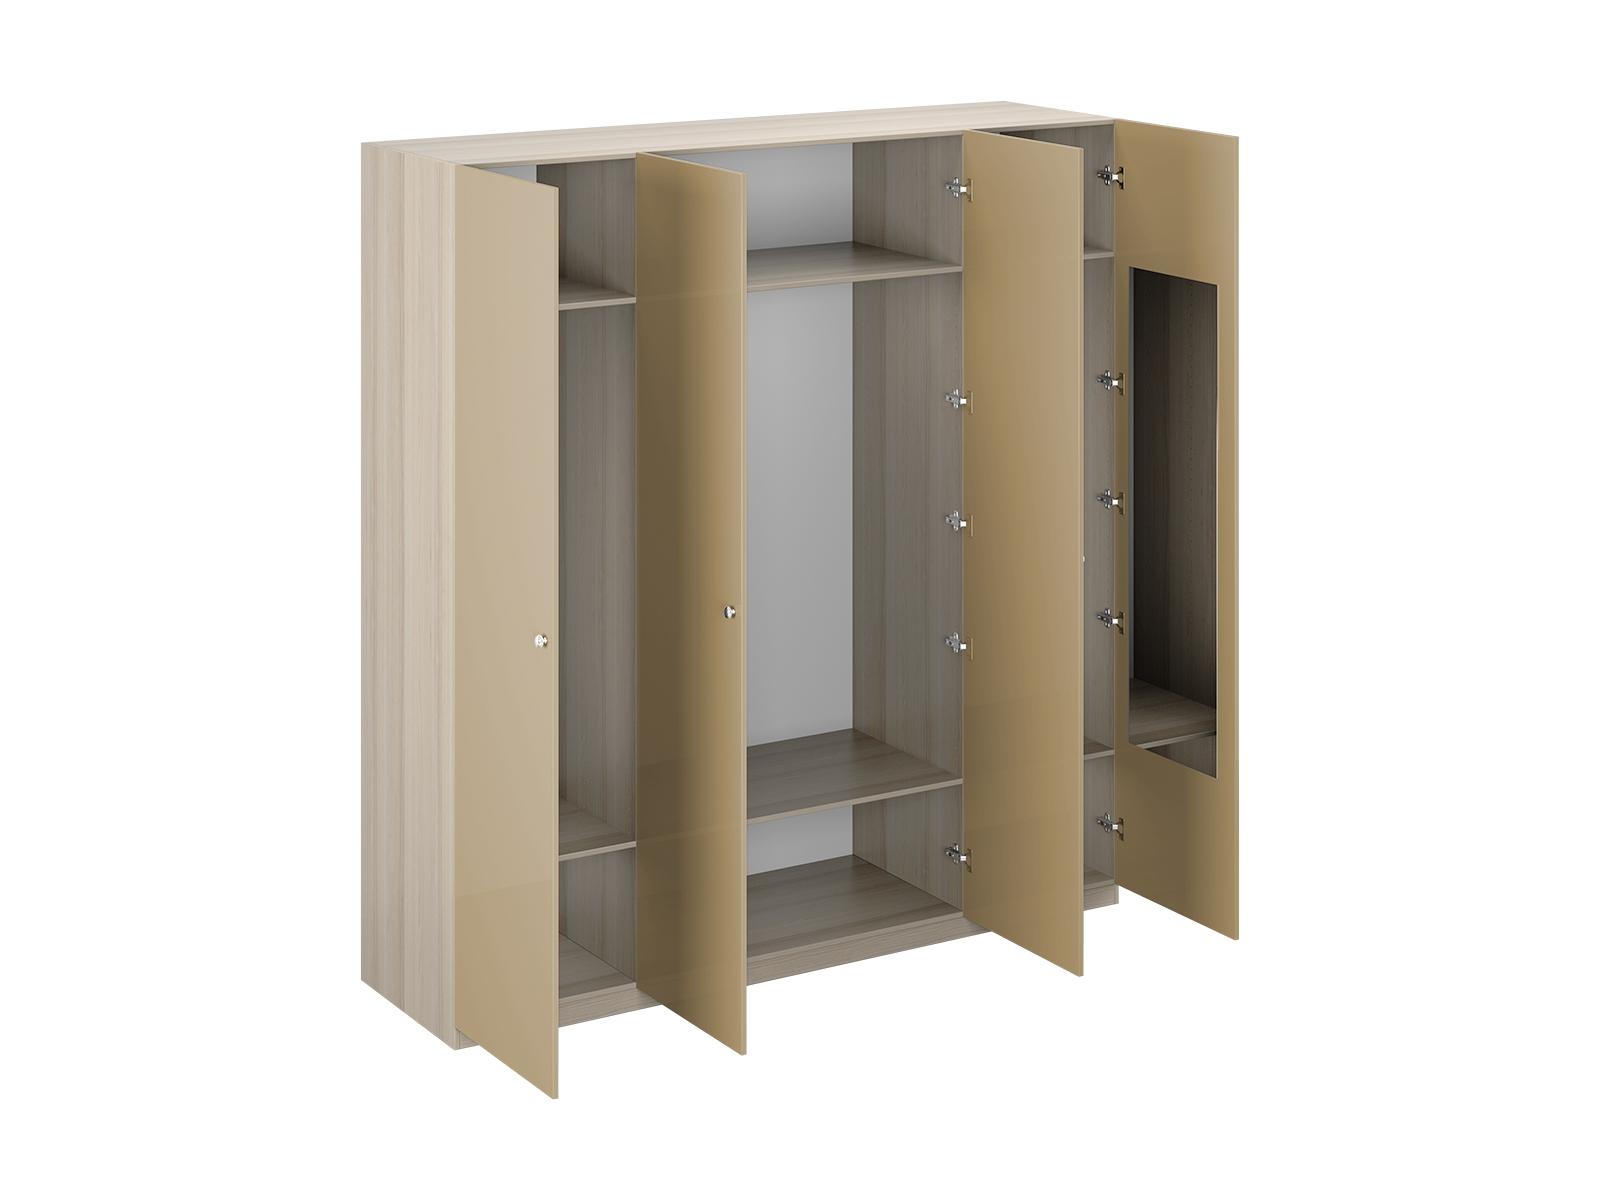 Шкаф Uno Ш4зПлатяные шкафы<br>Шкаф четырехдверный состоит их трёх отделений. В отделениях расположены верхние стационарные и нижние съемными полки. На одной дверце шкафа с внутренней стороны расположено зеркало. Шкаф установлен на регулируемые опоры. Данную мебель рекомендуется крепить к стене. Ручки и внутренние элементы продаются отдельно.<br><br>Material: ДСП<br>Width см: 220<br>Depth см: 60<br>Height см: 233